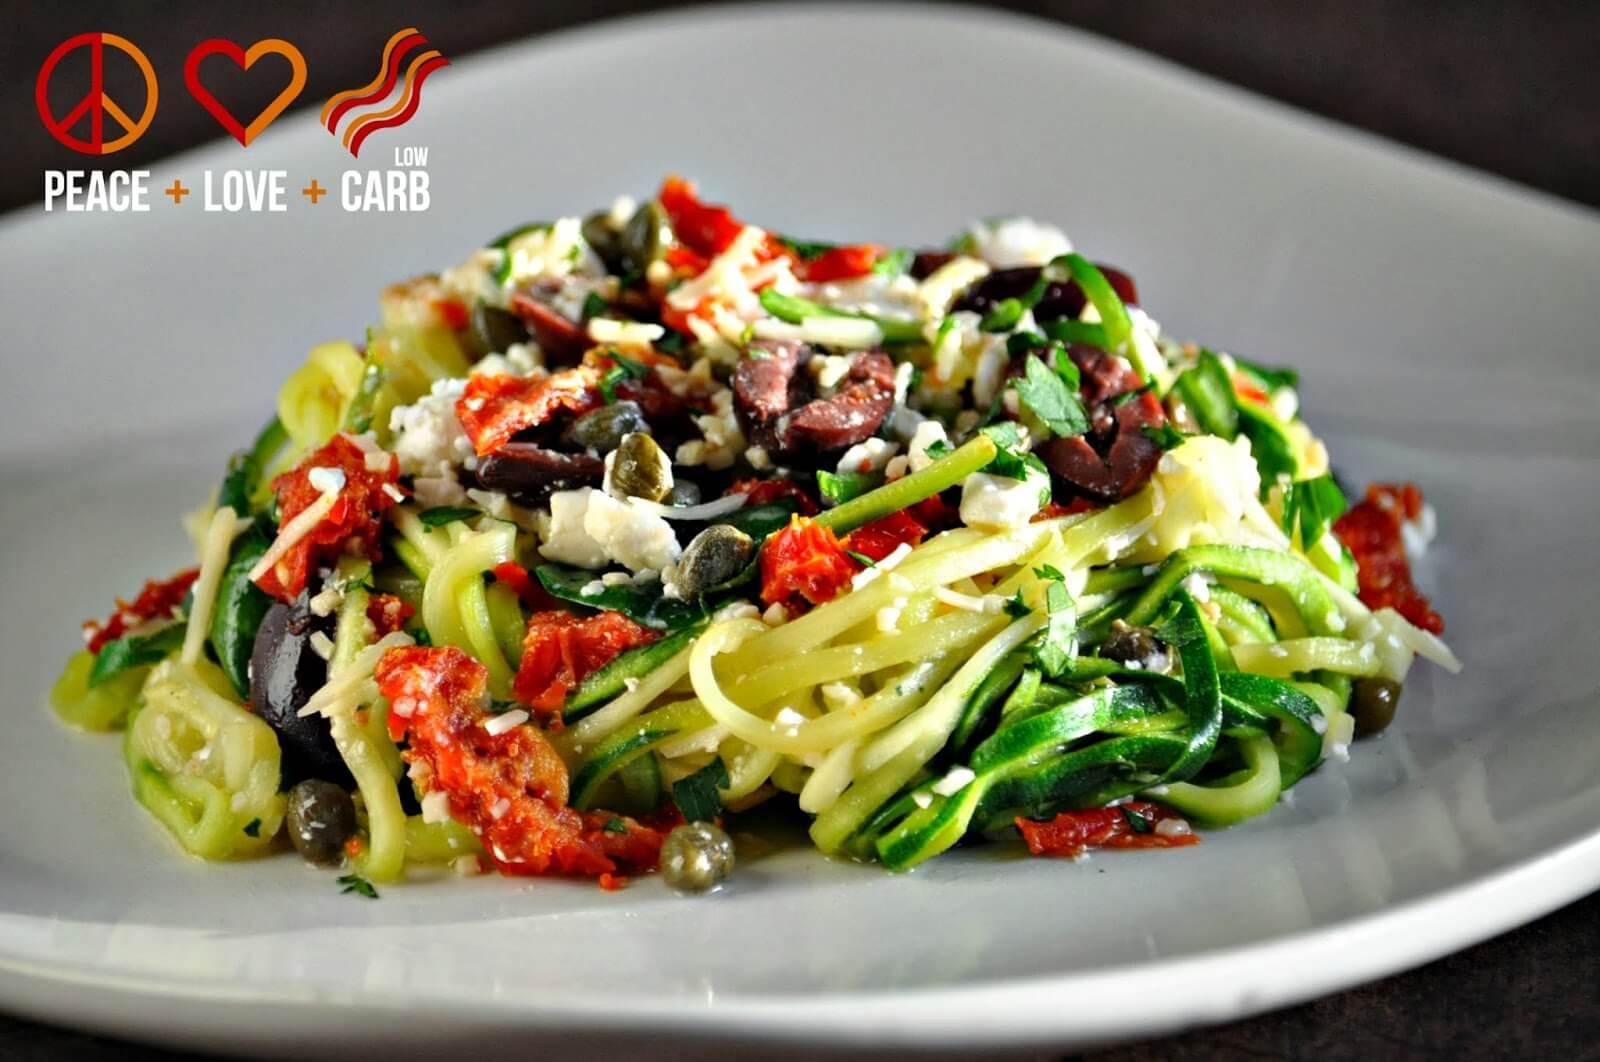 Mediterranean Ketogenic Diet  Mediterranean Zucchini Noodle Pasta Low Carb Gluten